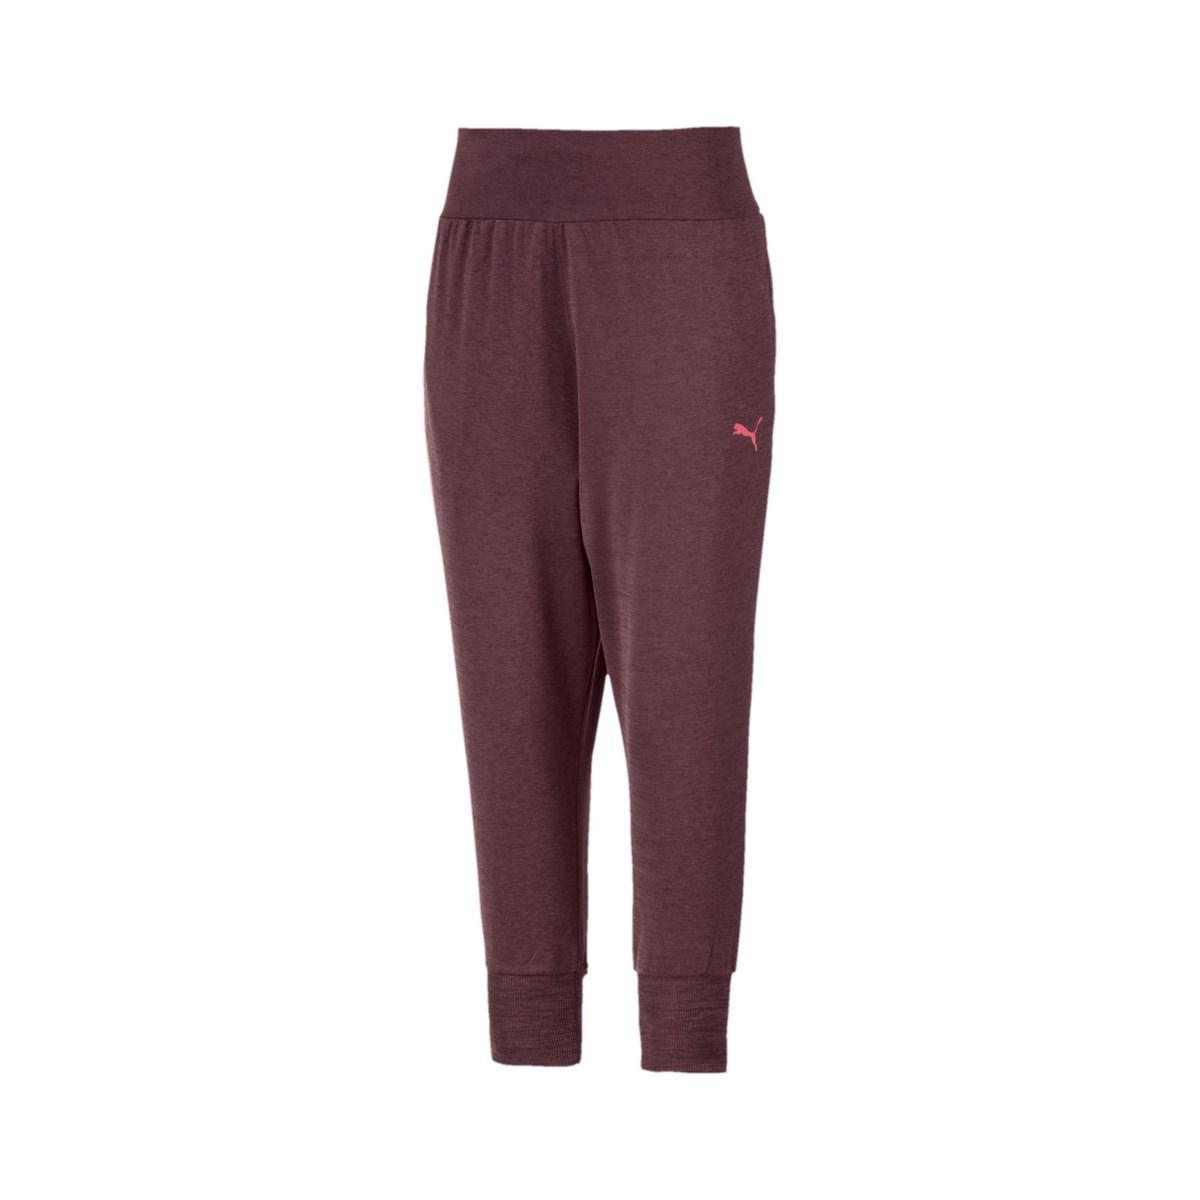 Soft Sports Drapey Pants